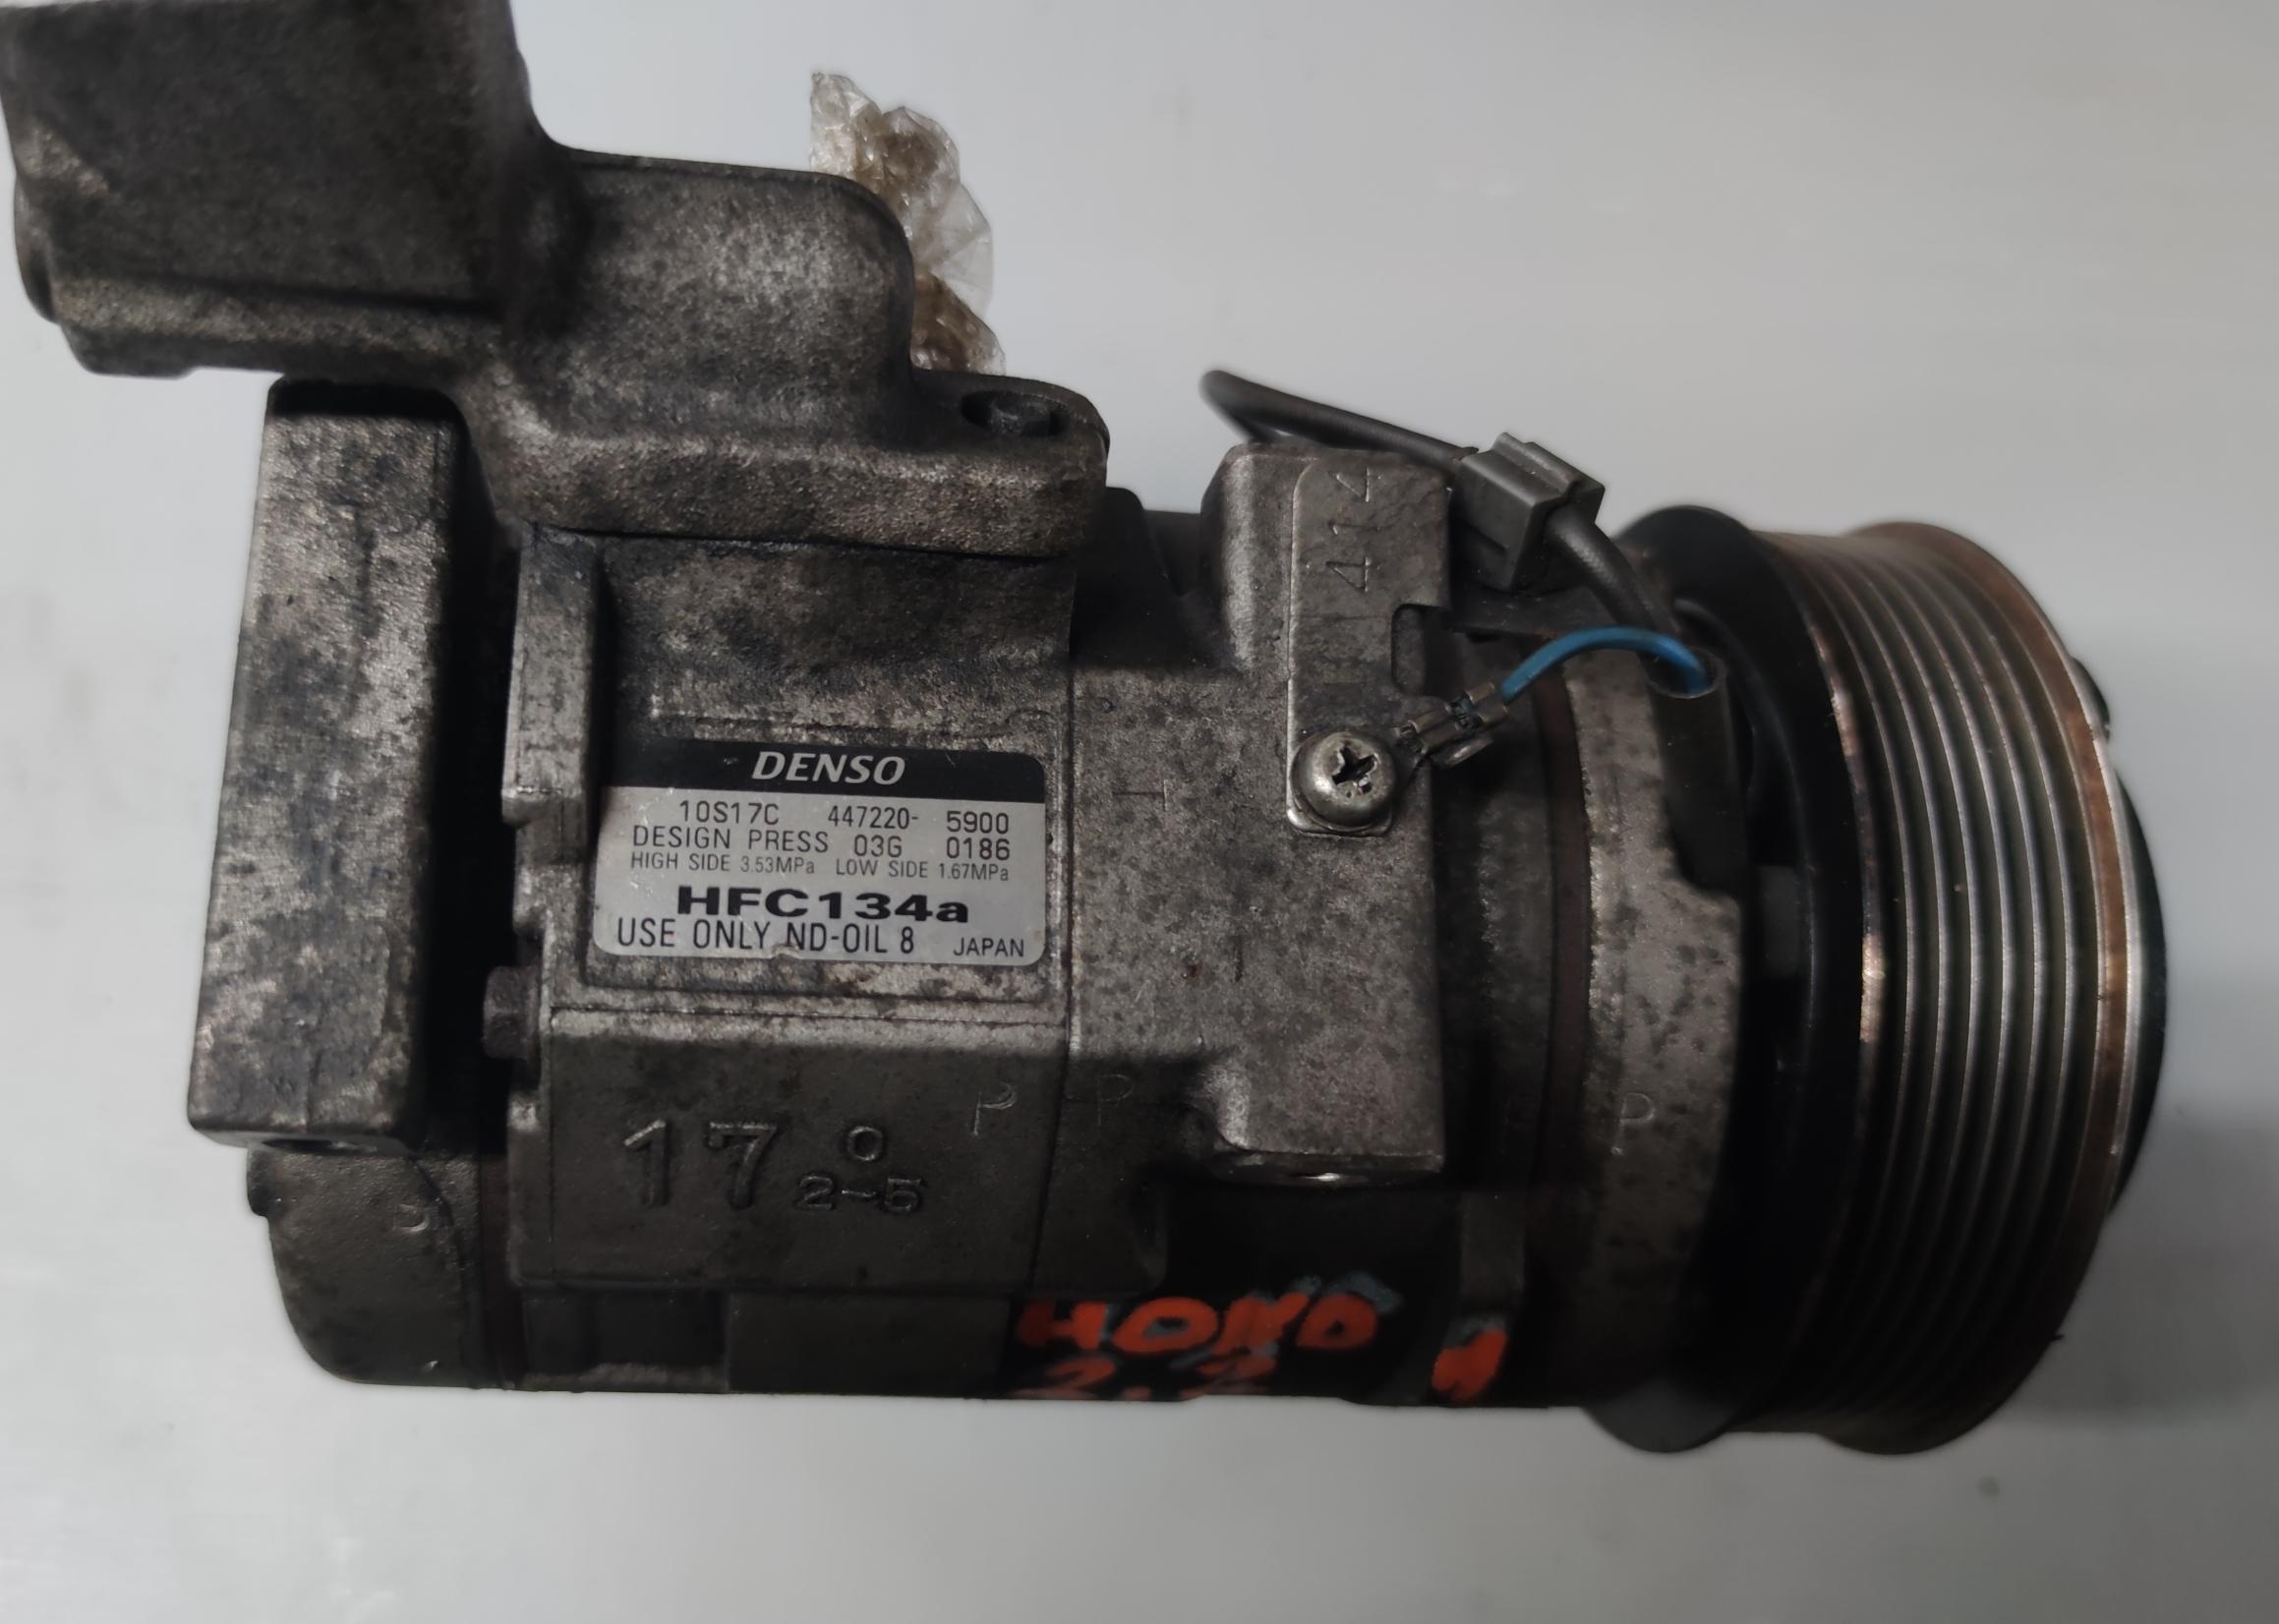 Sprężarka Klimatyzacji Honda 447220-5900